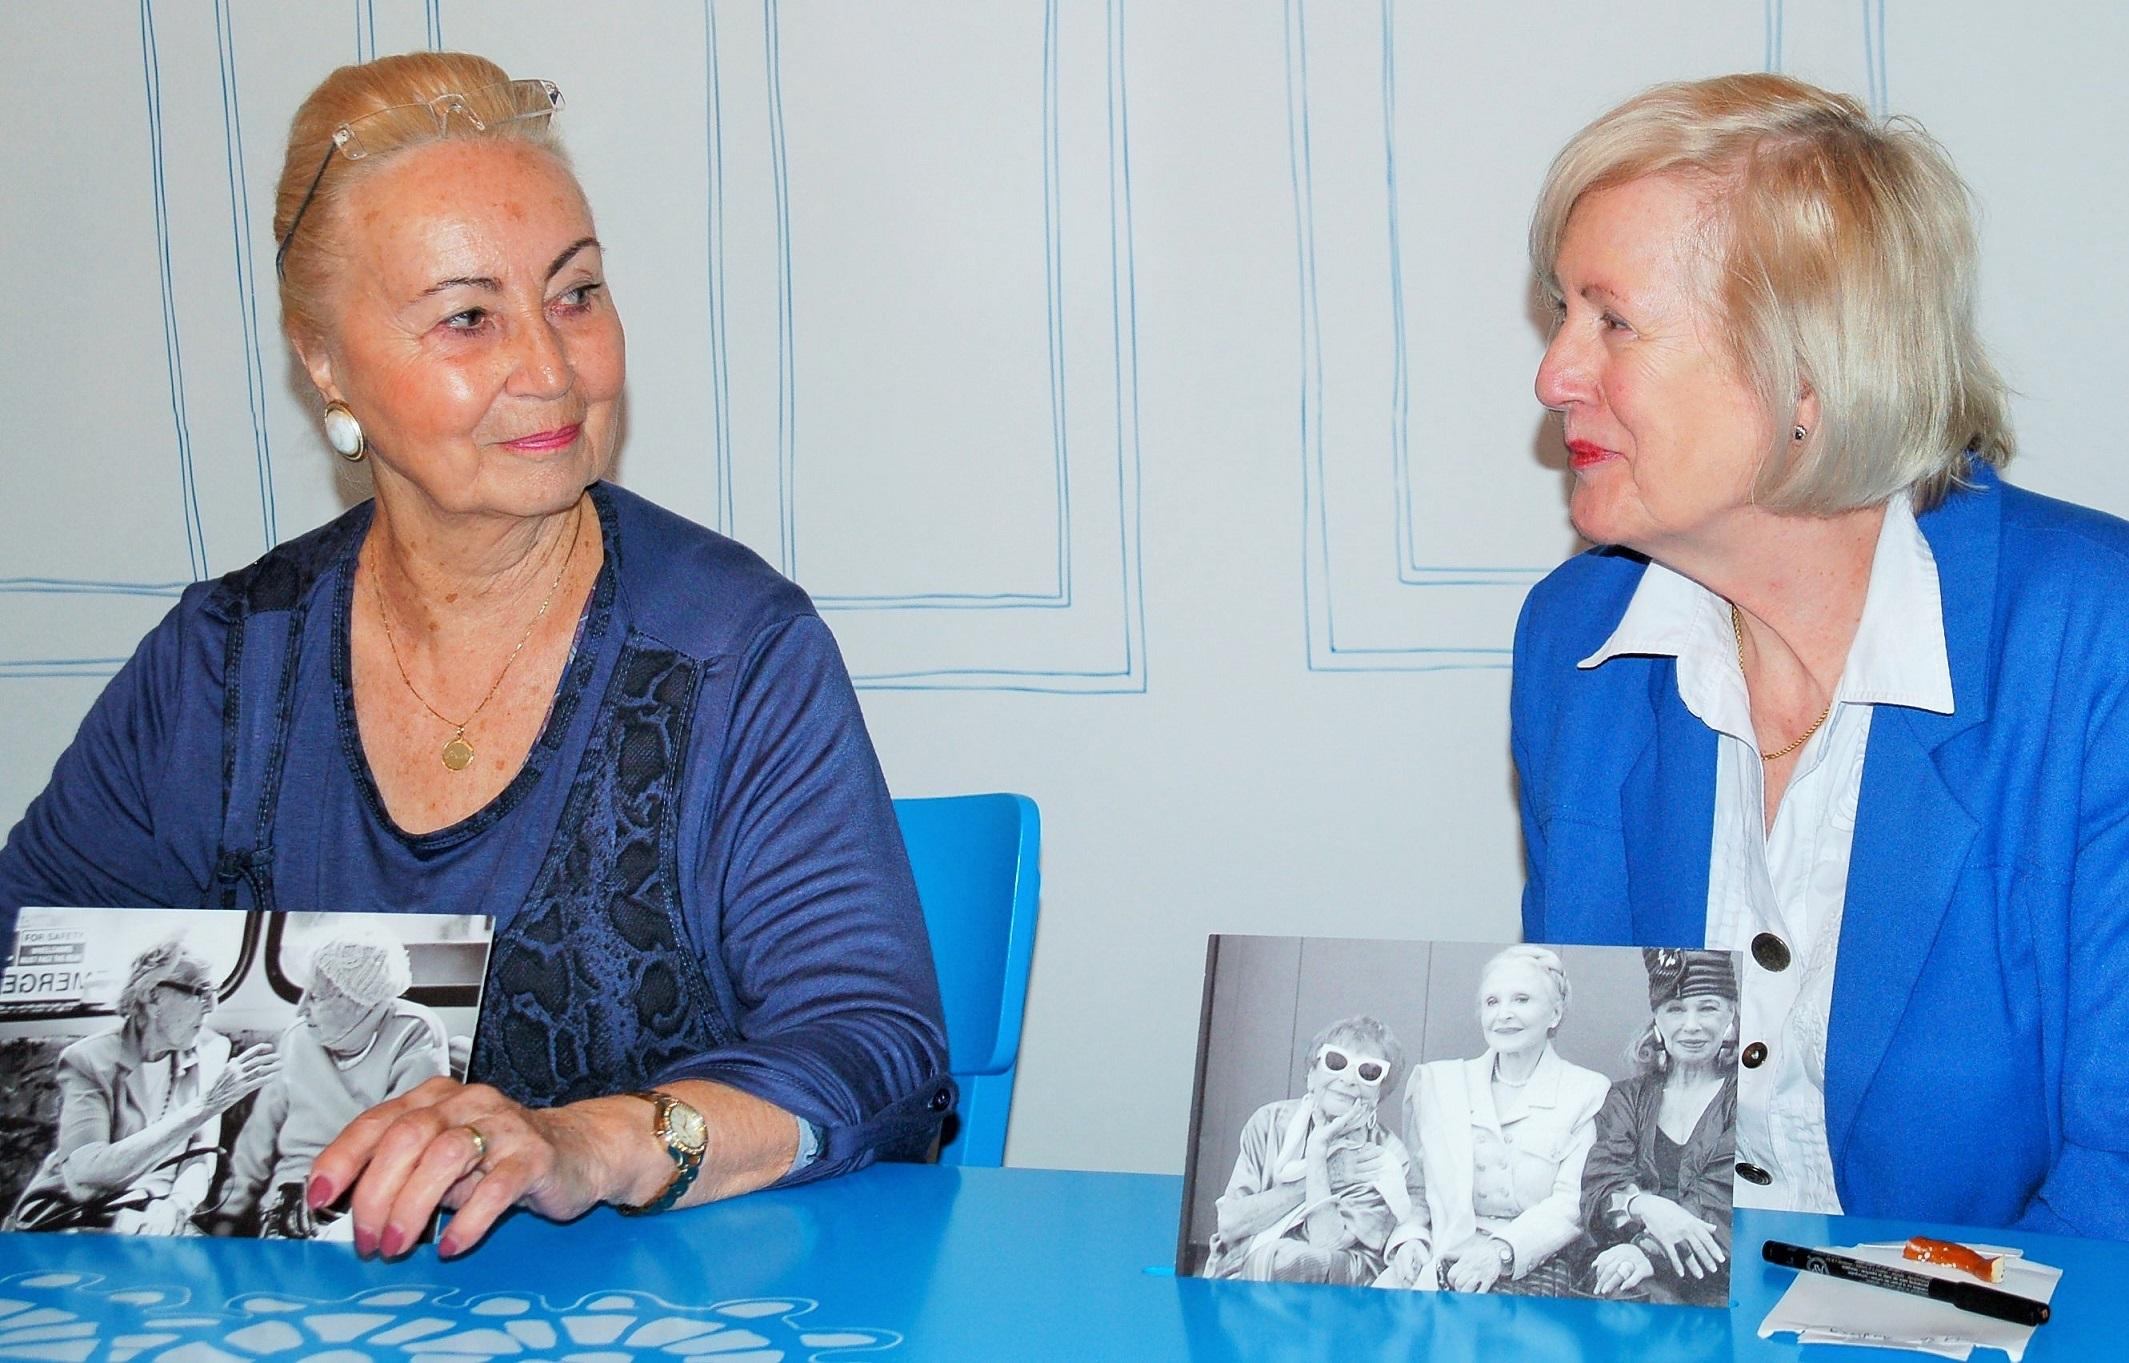 Seniorinnenguides_Dialog mit der Zeit